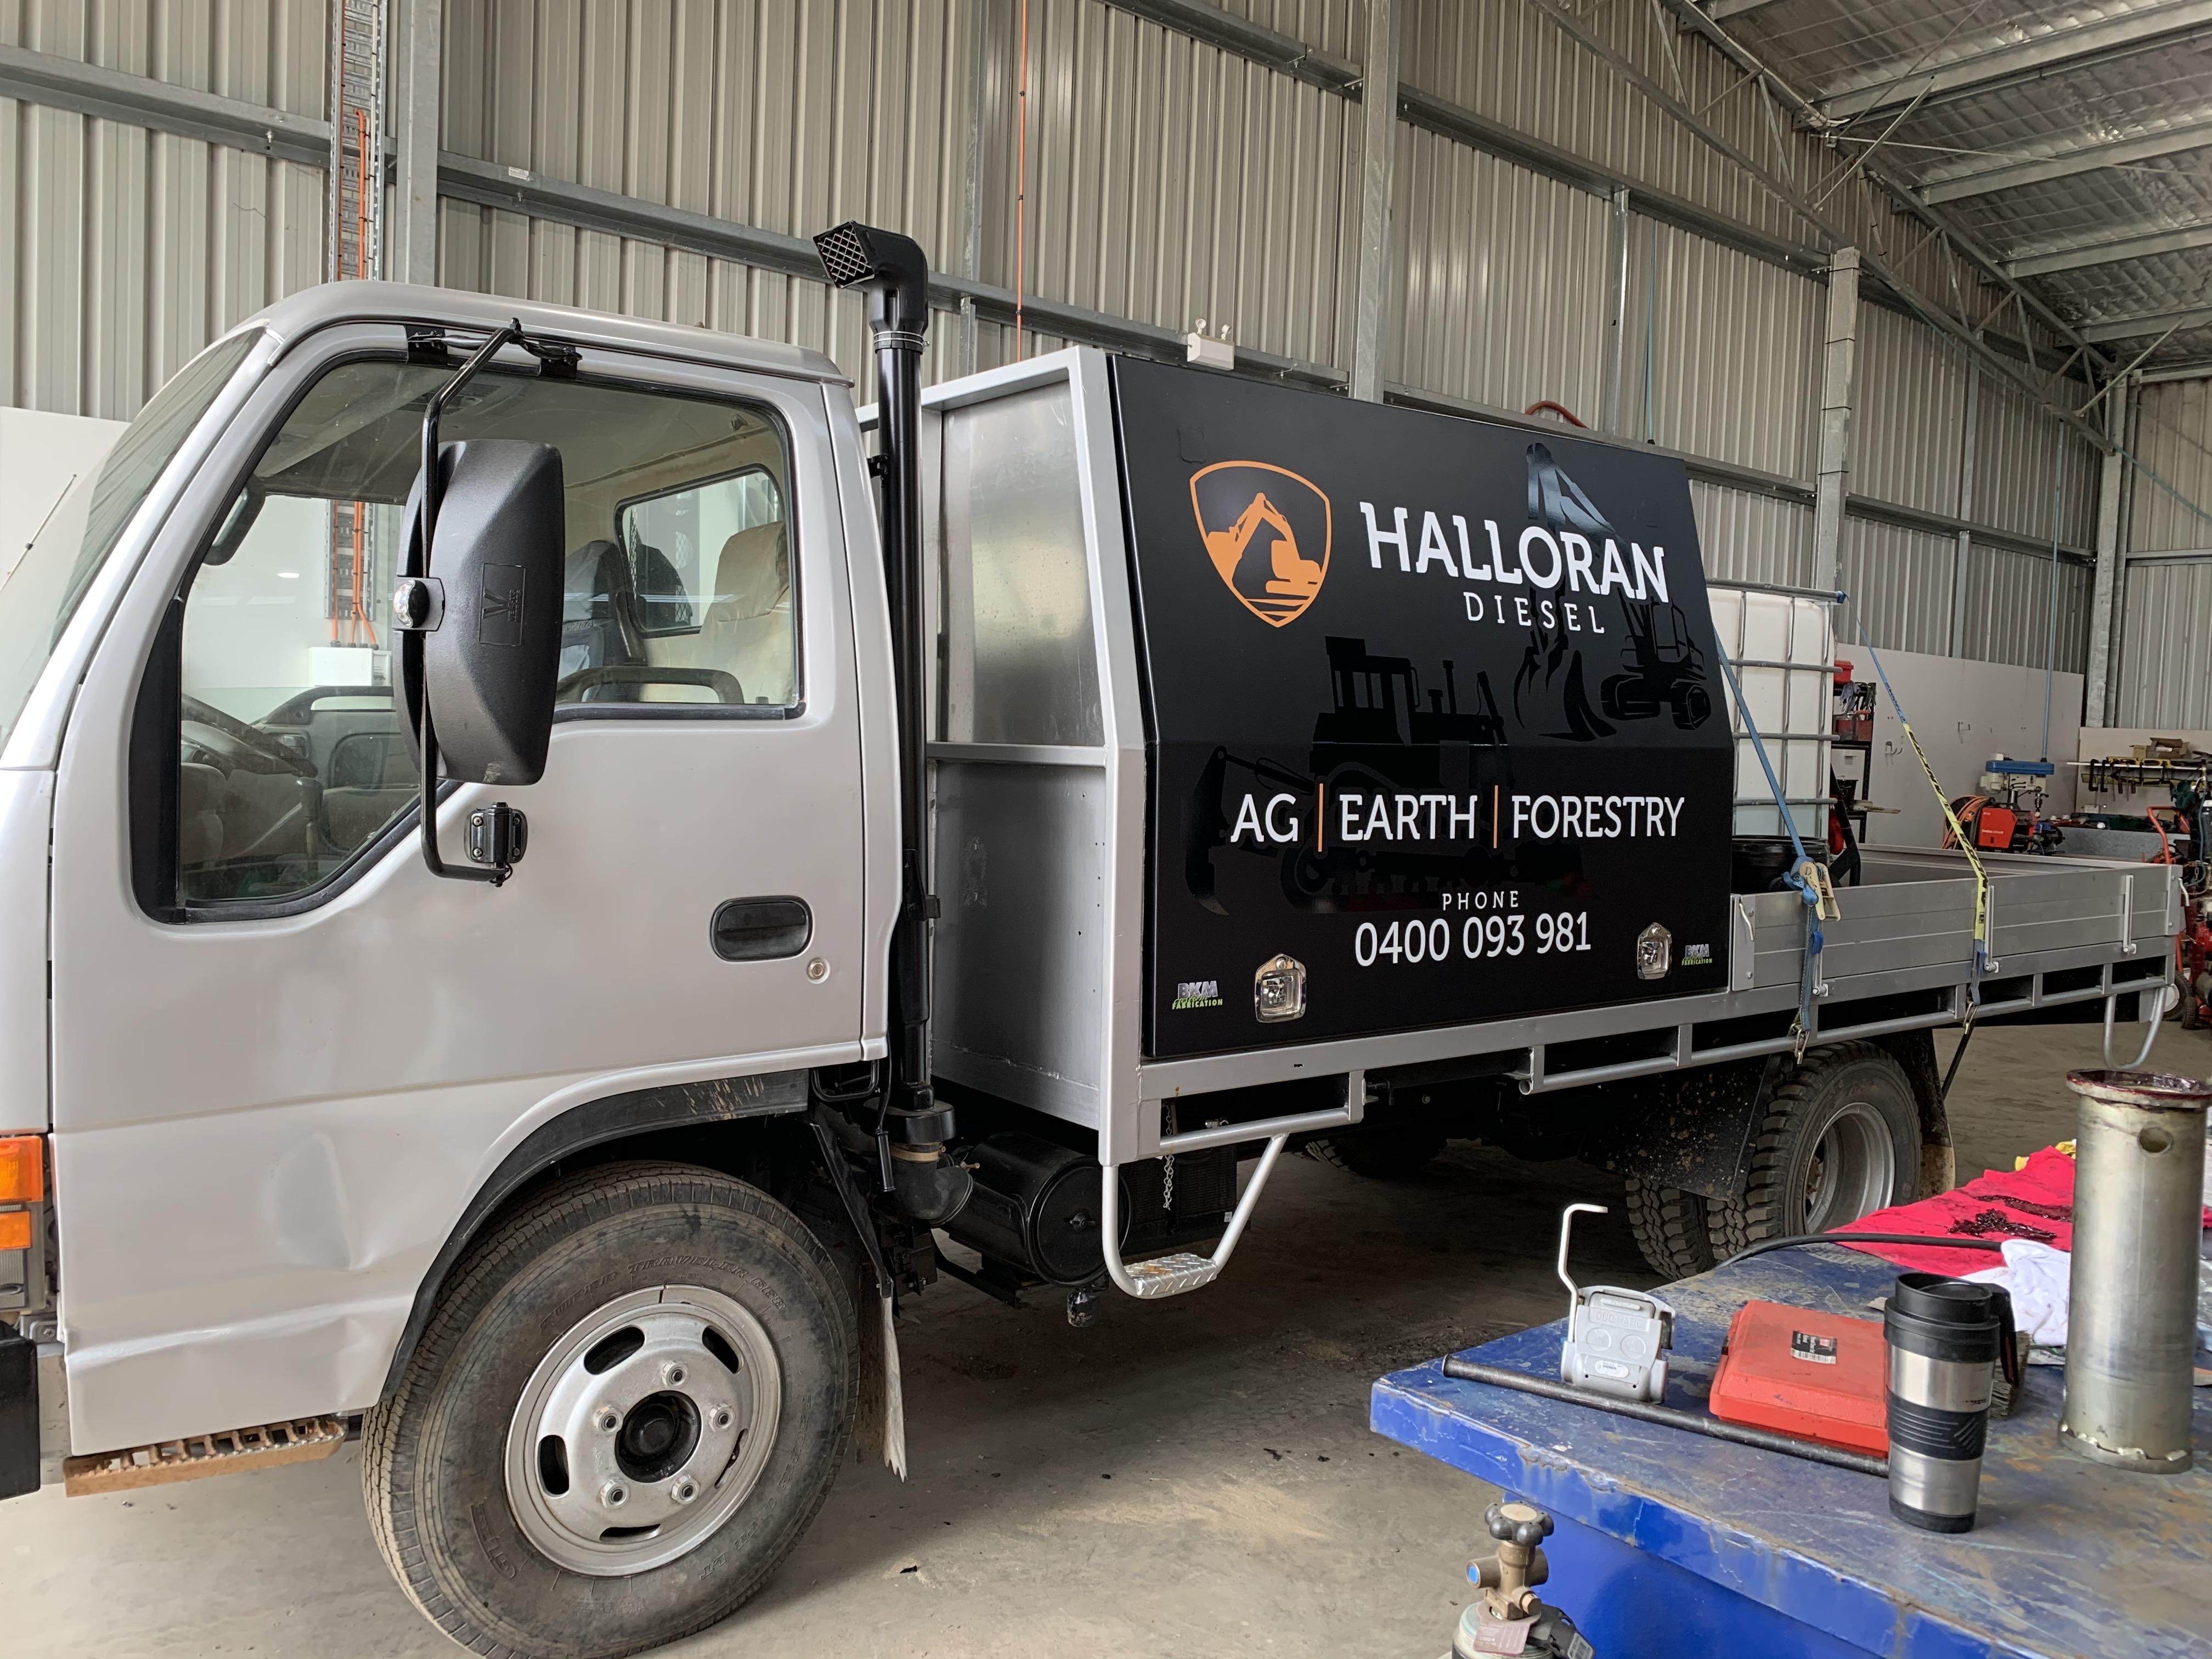 Halloran Diesel Toolboxes